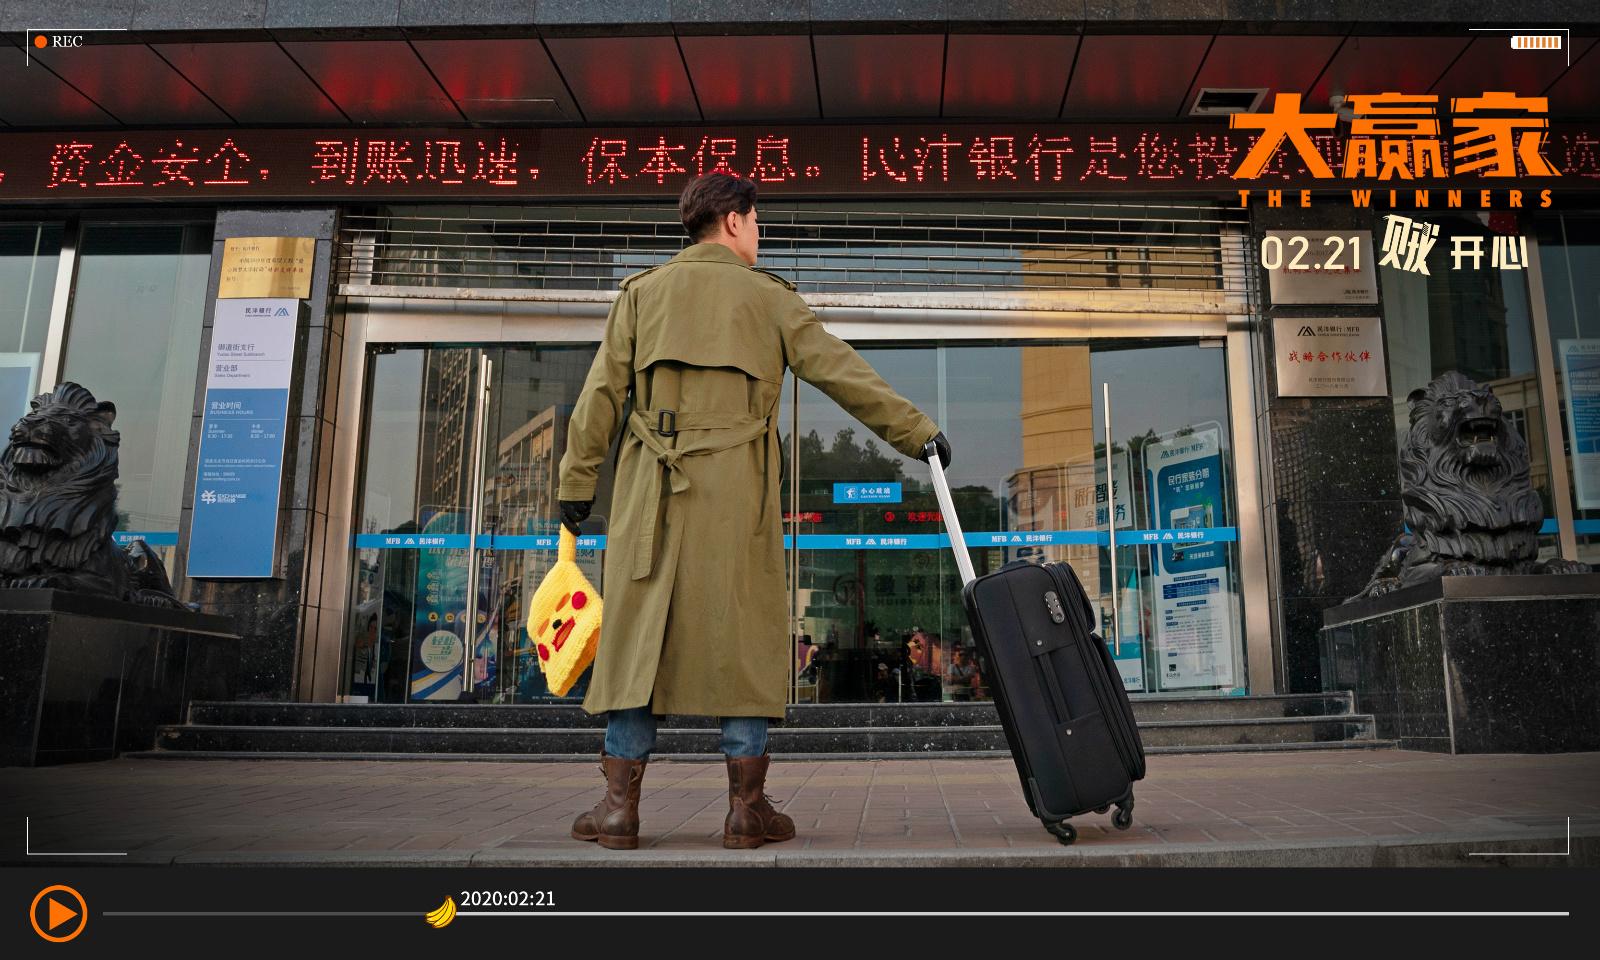 电影《大赢家》春节档院线预告来袭  锁定2020年度开年解压喜剧